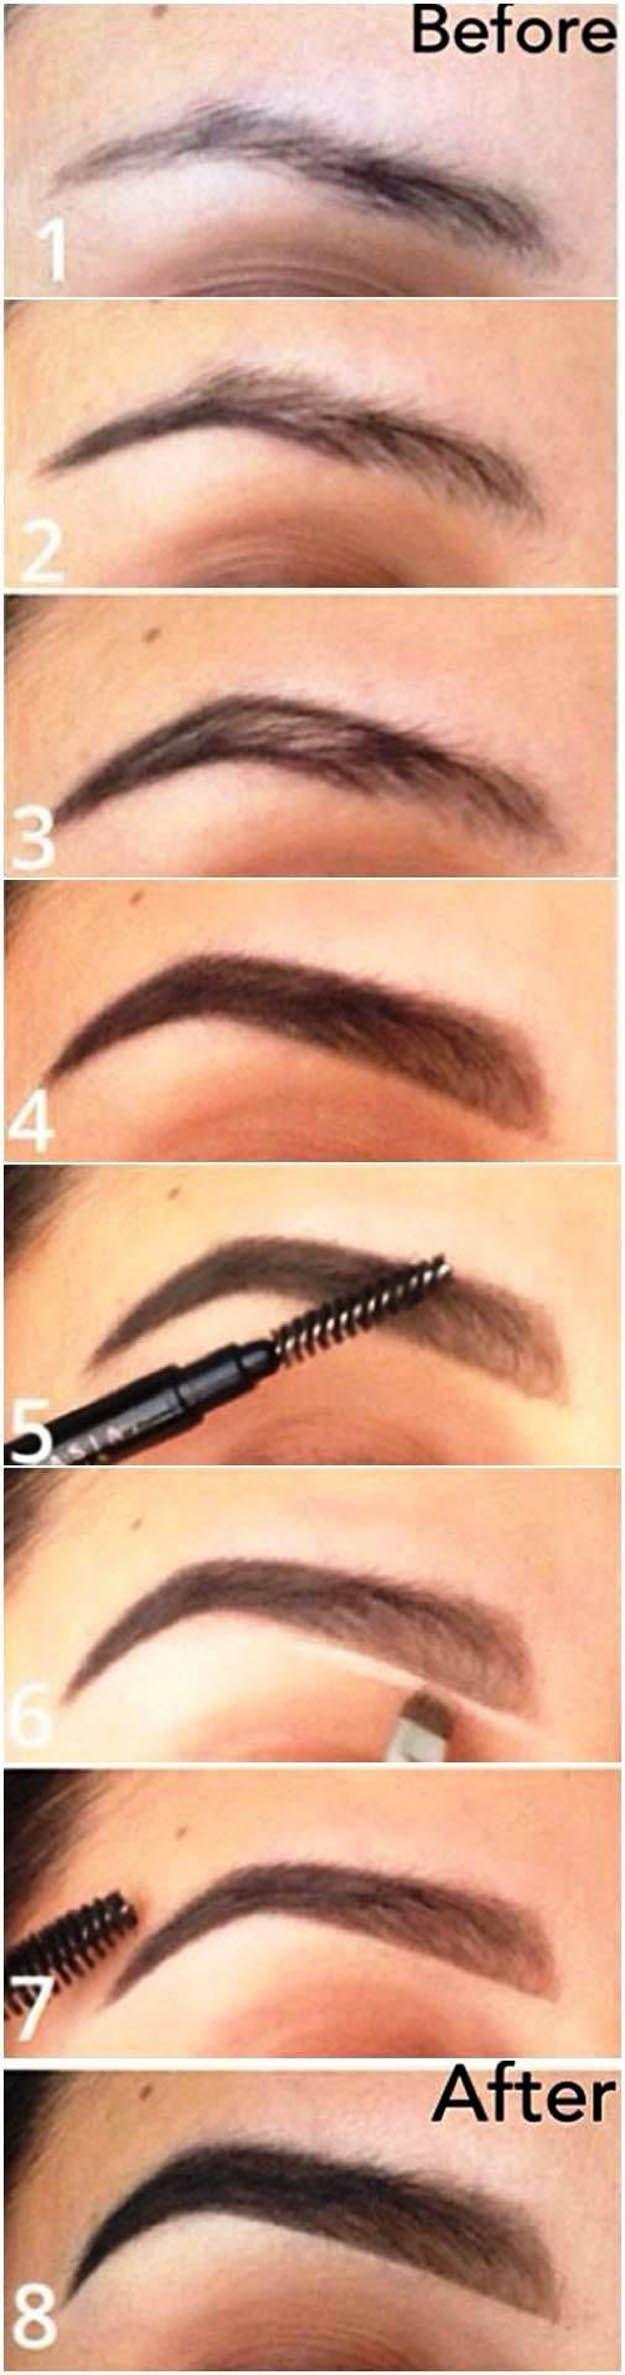 Tutoriales de maquillaje de cejas para principiantes por tutoriales de maquillaje en el http://makeuptutorials.com/makeup-tutorials-beauty-tips